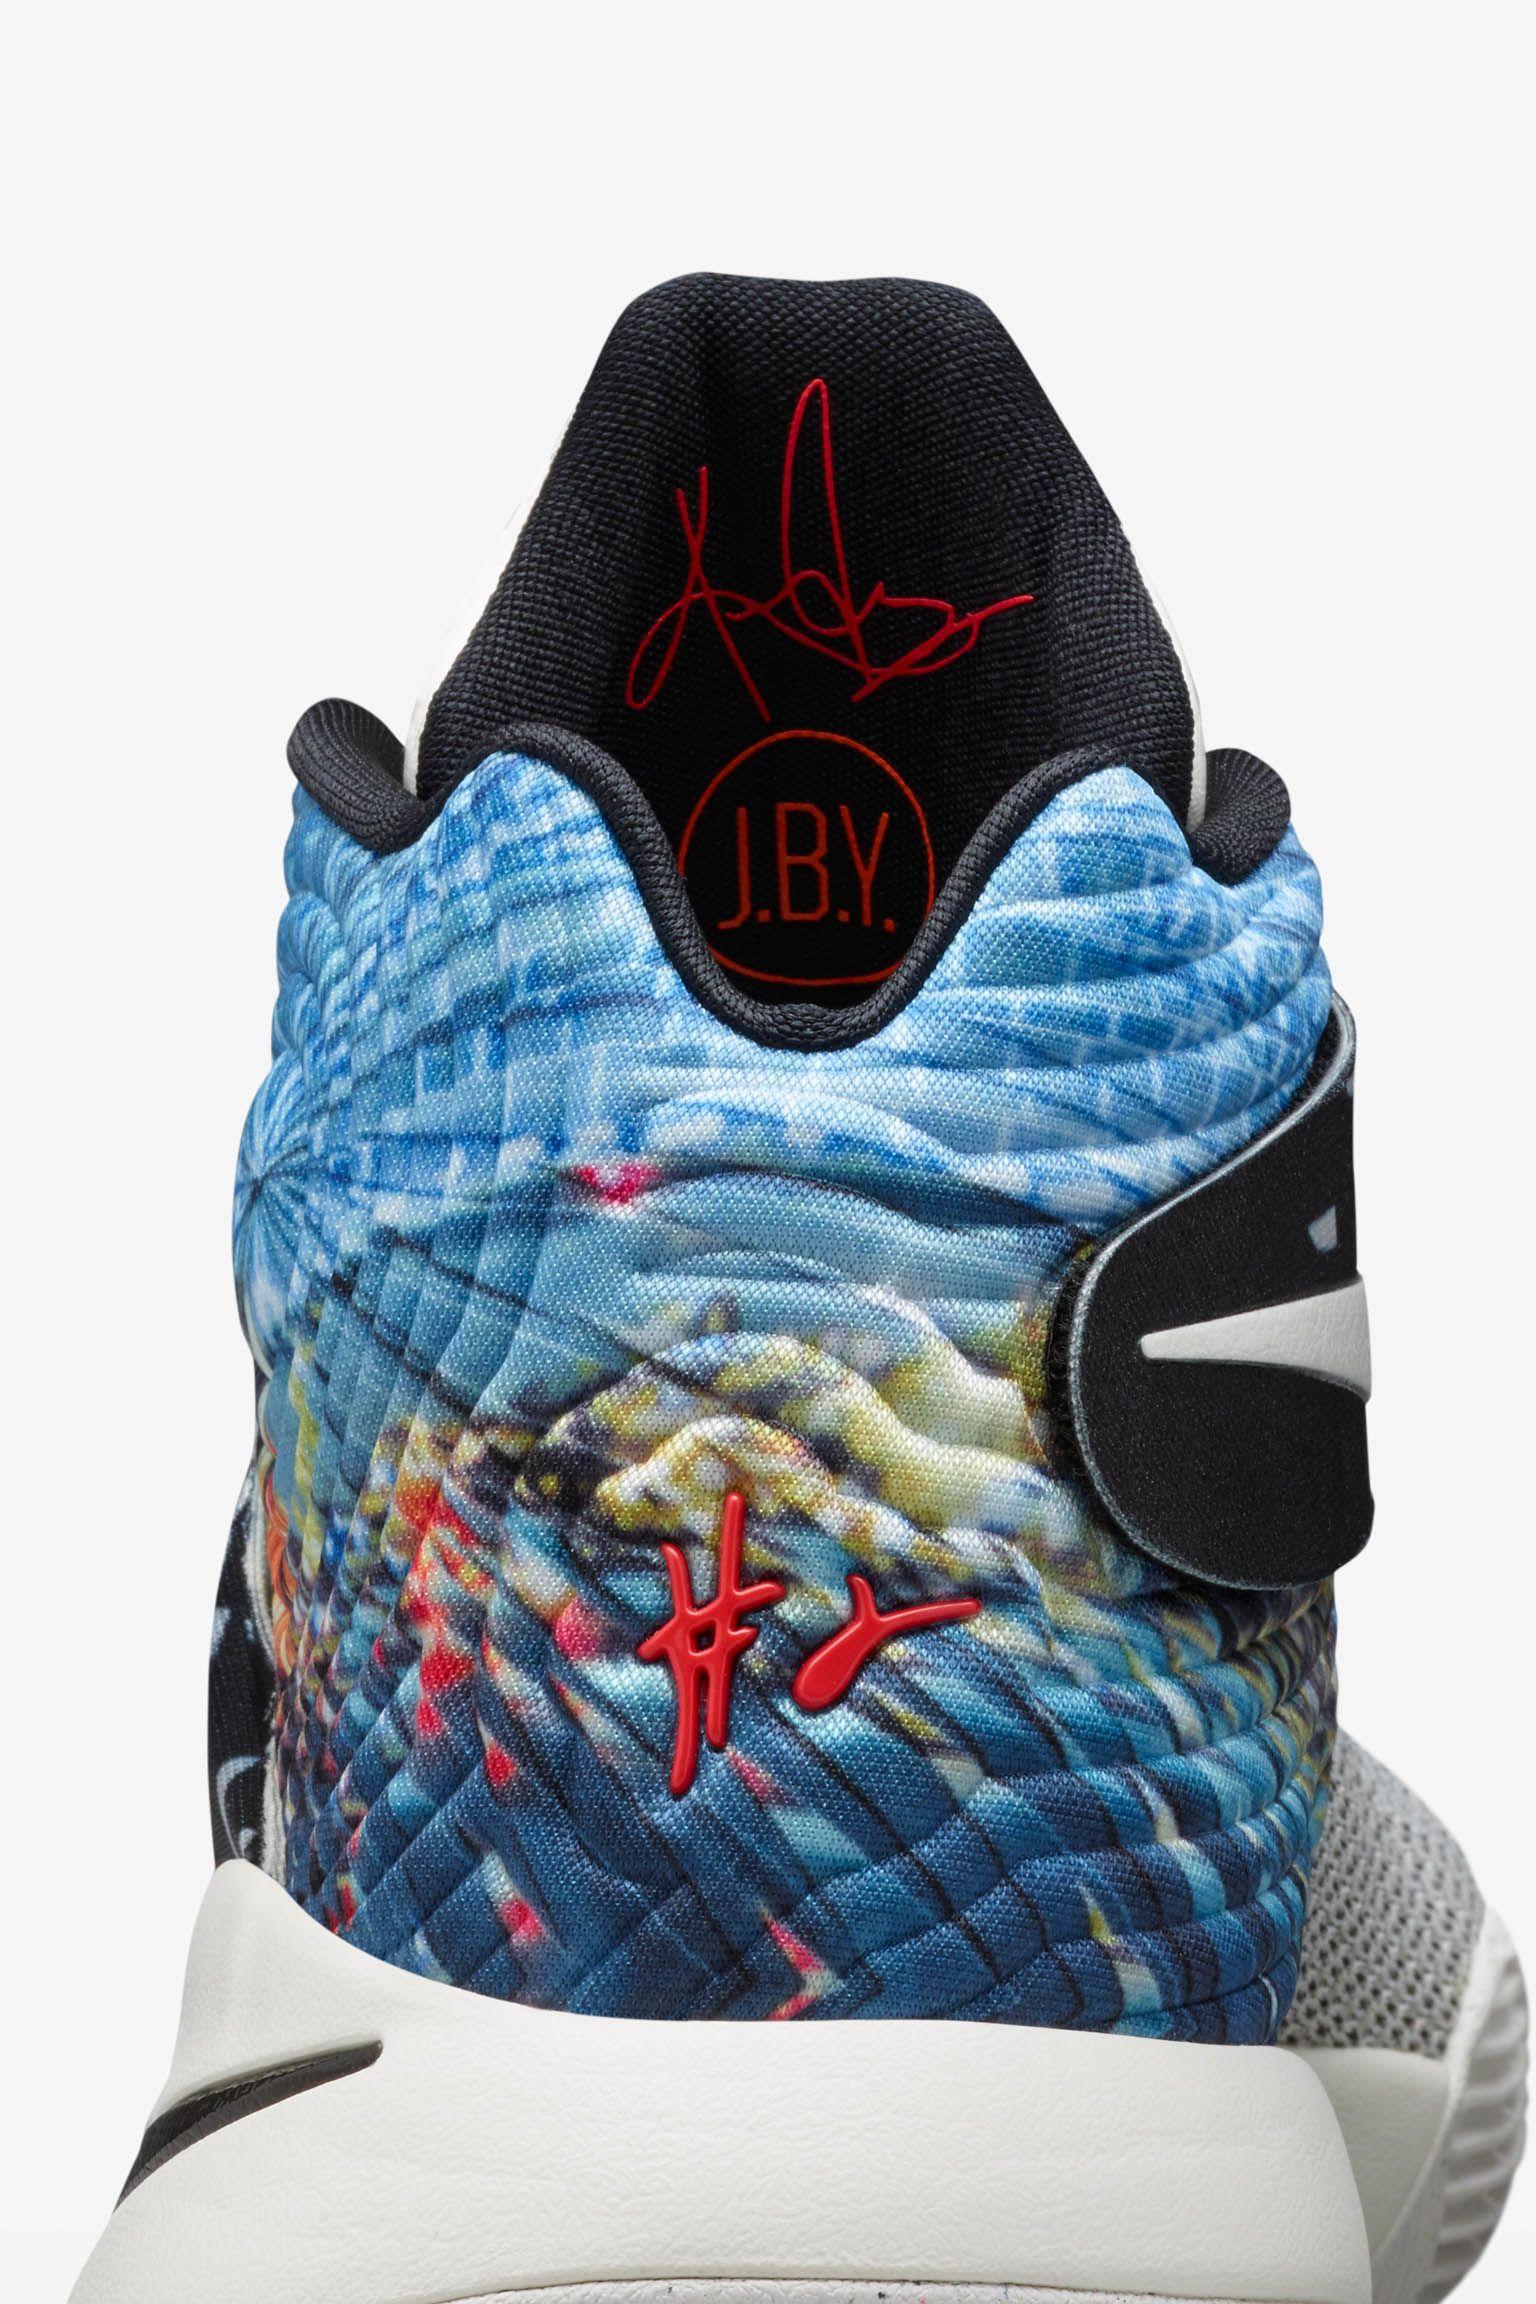 Nike Kyrie 2 'Effect' Release Date